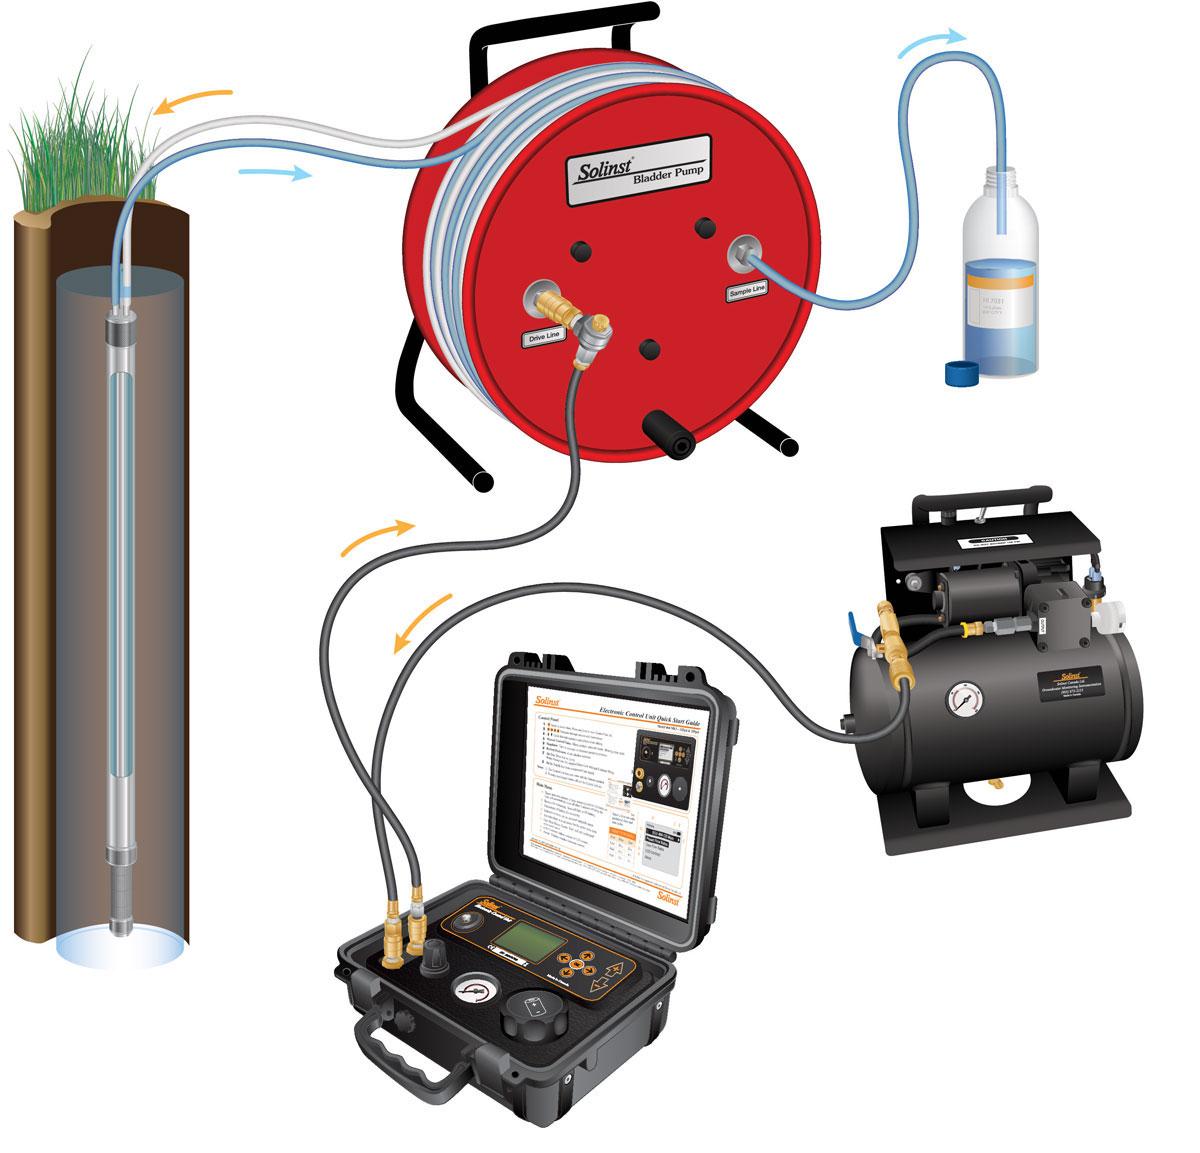 portable bladder pump setup for groundwater sampling